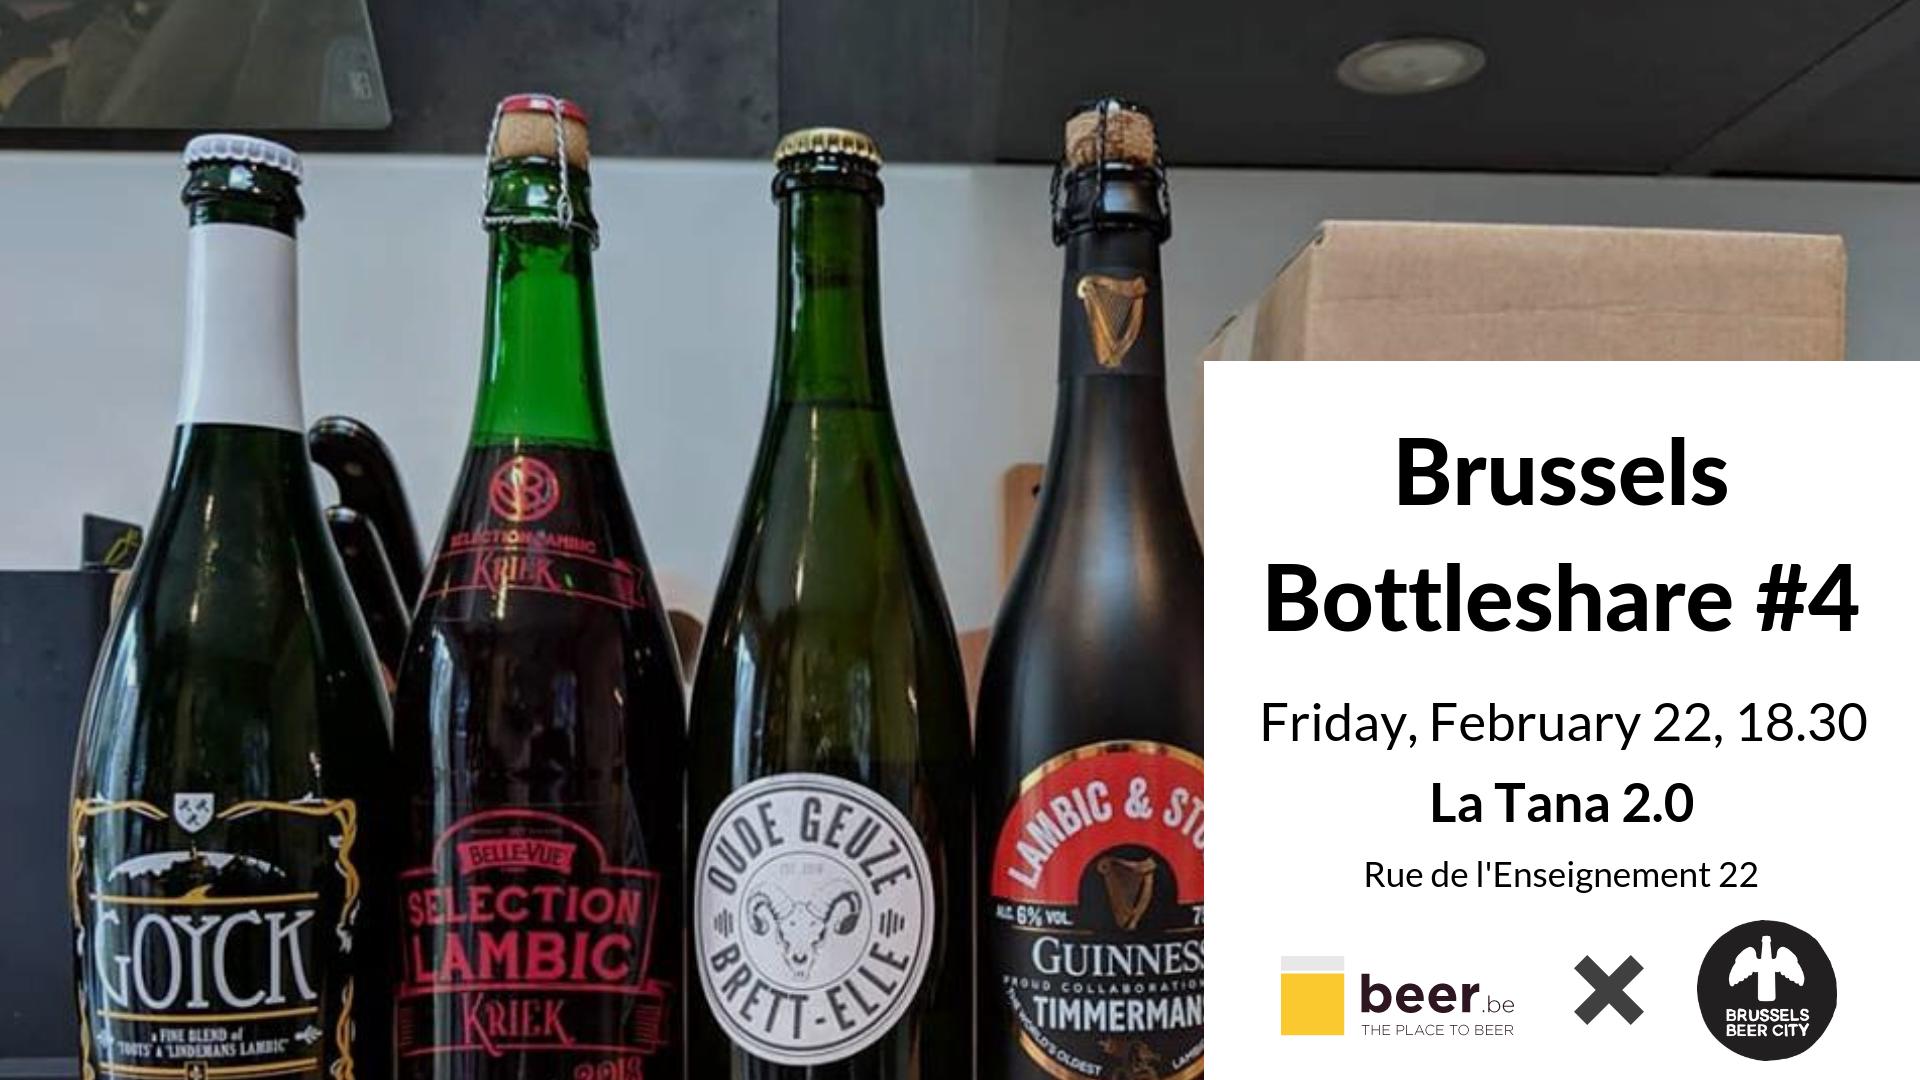 Brussels Bottleshare